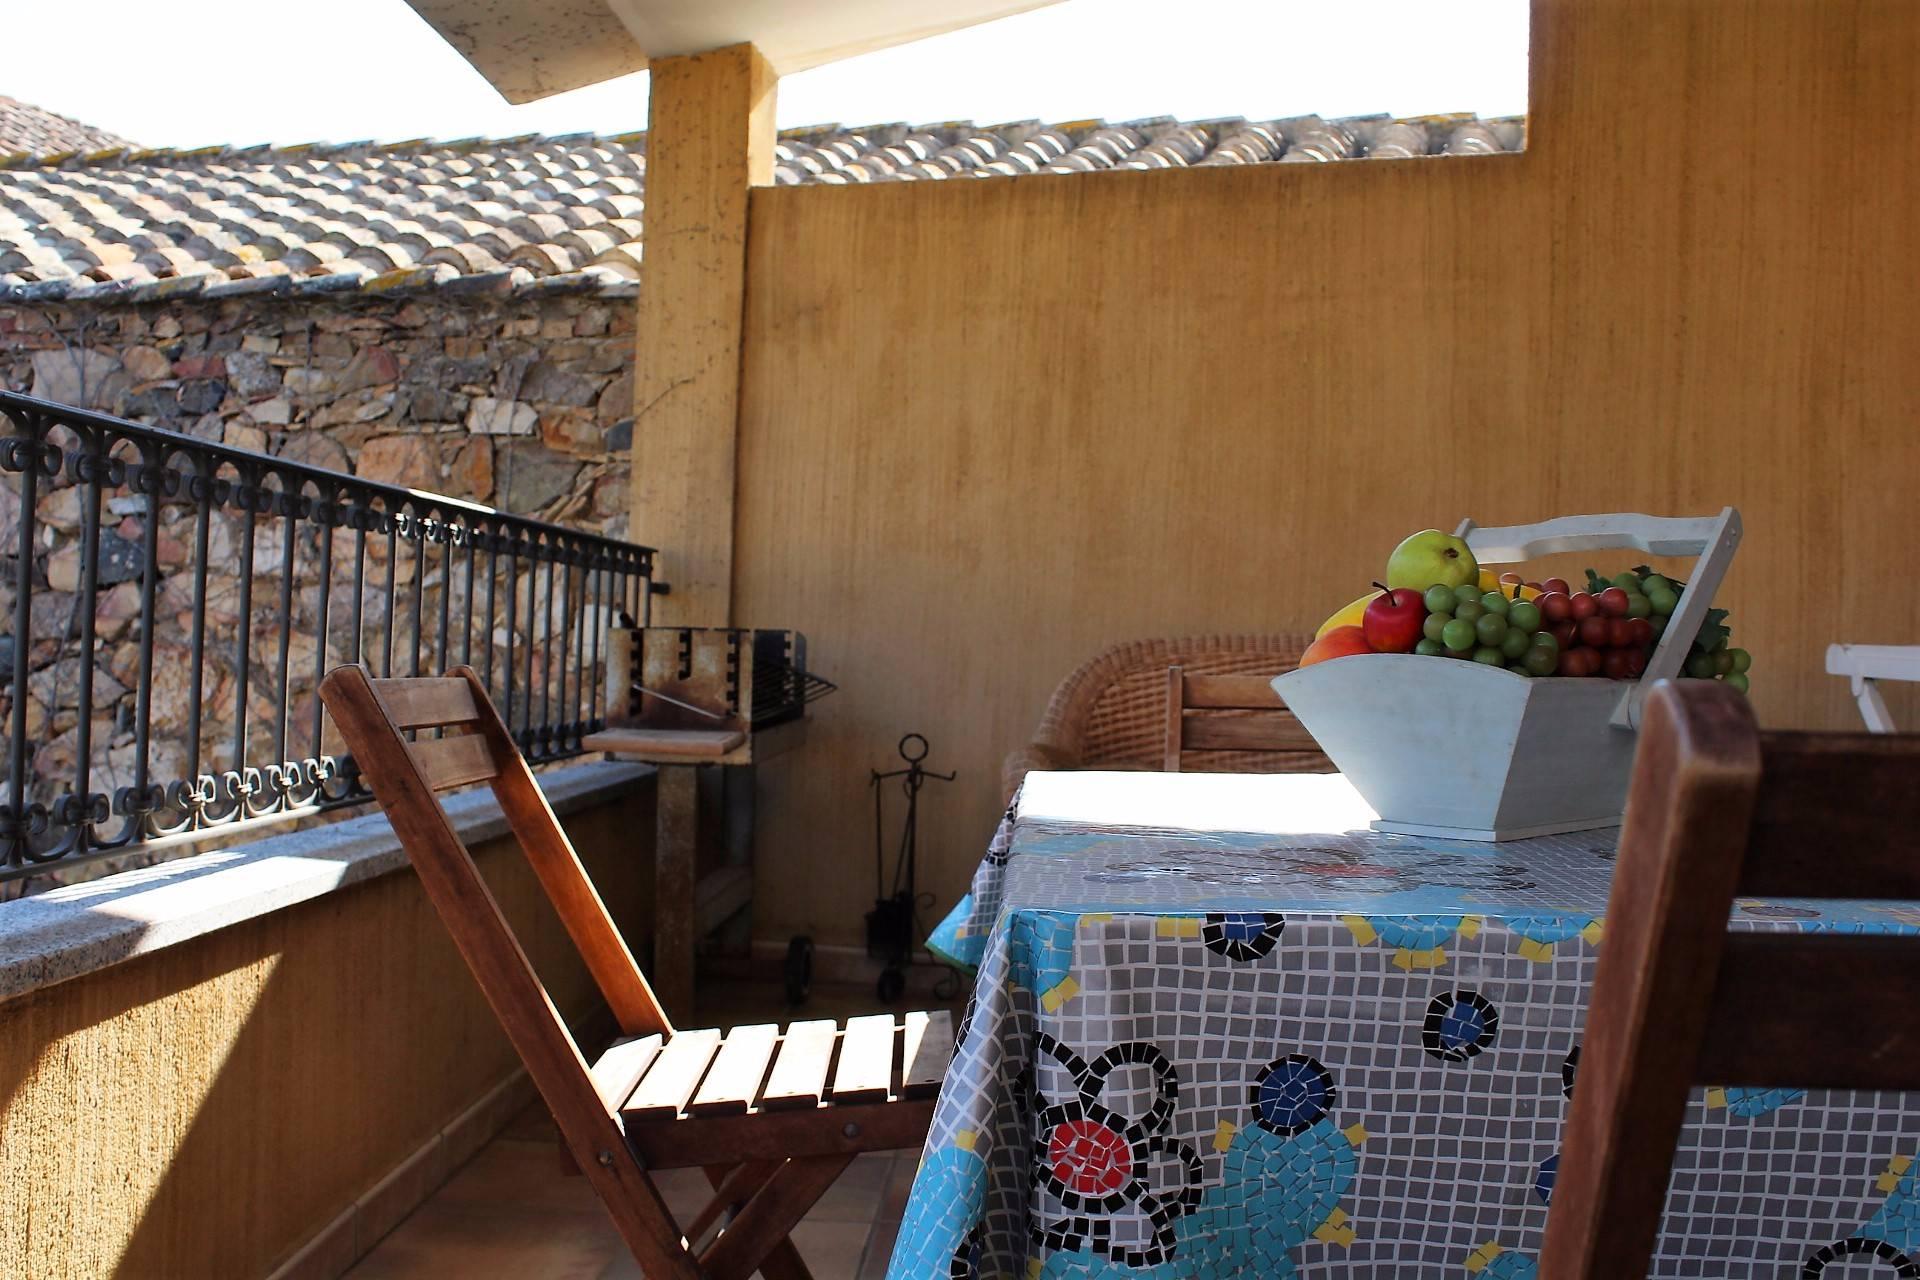 Appartamento in vendita a Villasimius, 4 locali, zona Località: Centro, prezzo € 185.000 | Cambio Casa.it